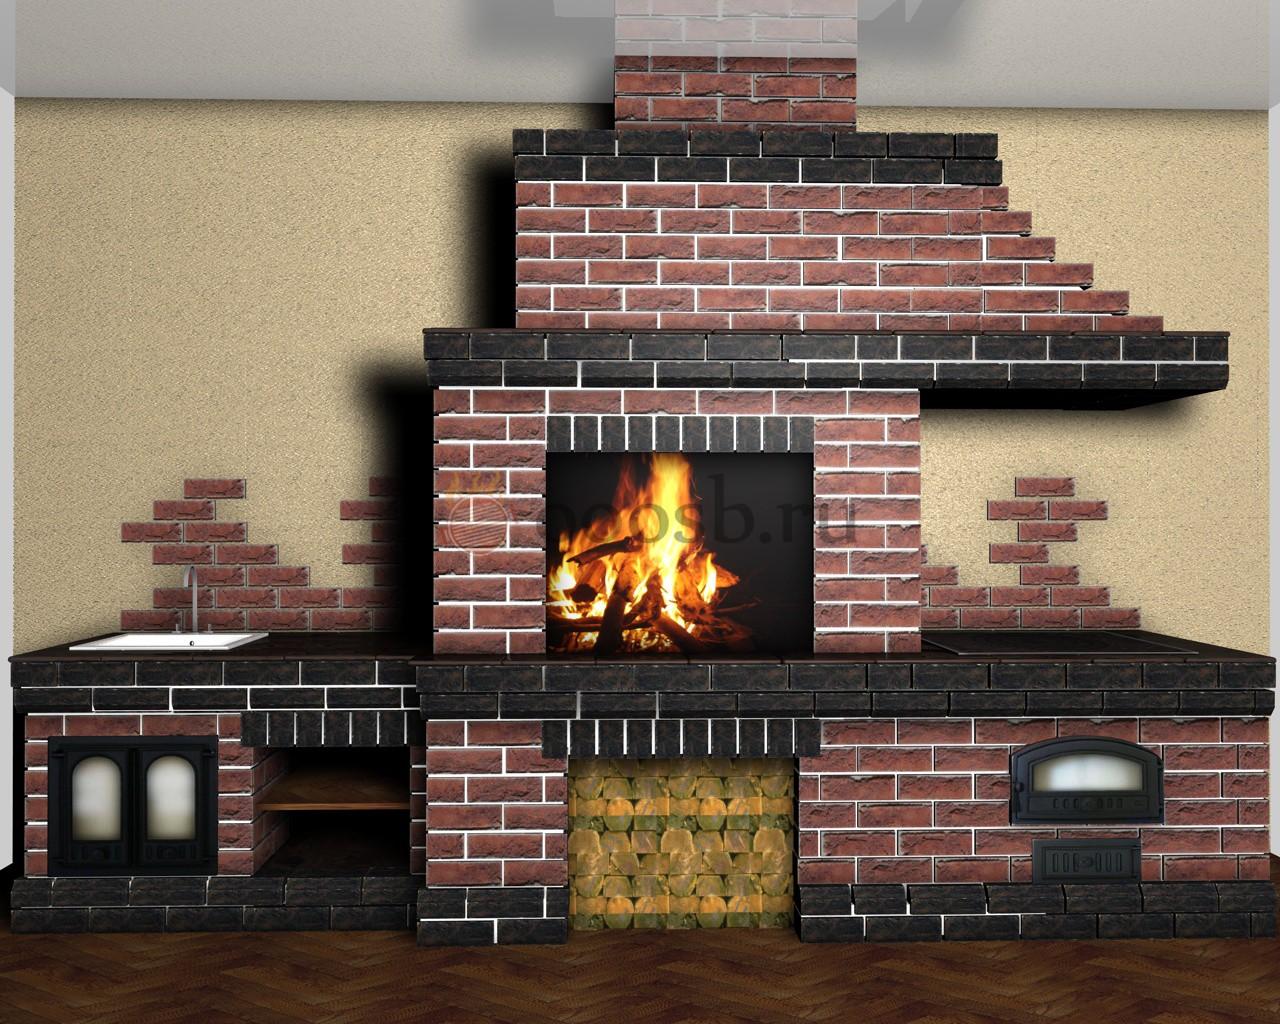 Купить готовую печь для дачи или заказать ее строительство?